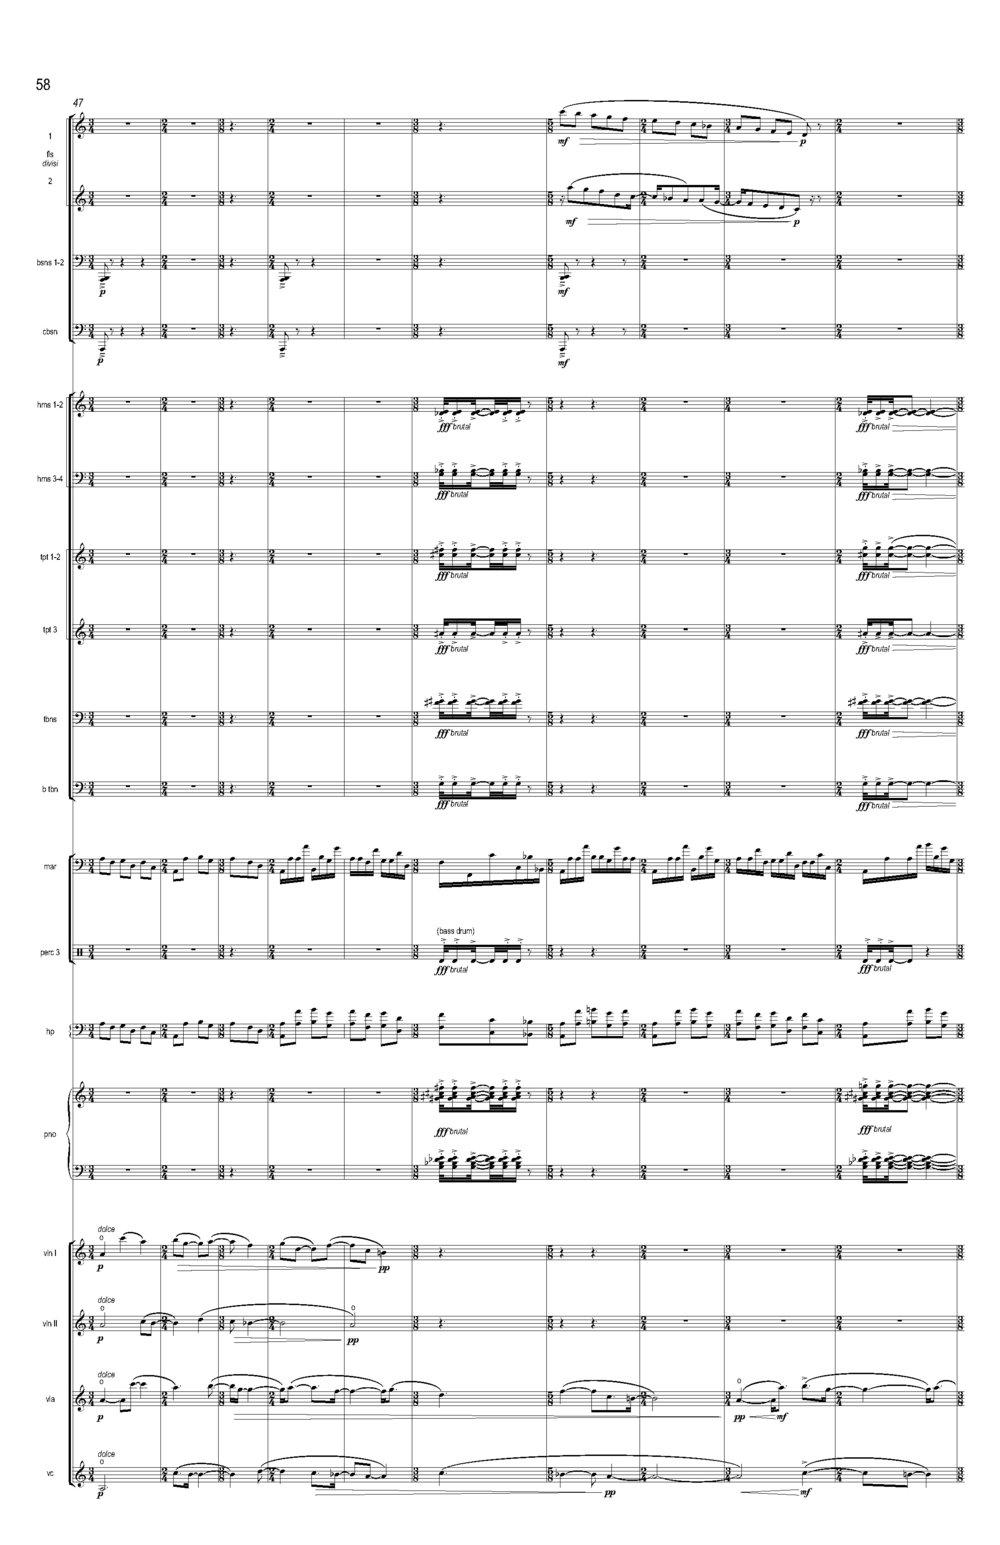 Ciach_Collective Uncommon REVISED_Full Score (Feb 2017)_Seite_64.jpg